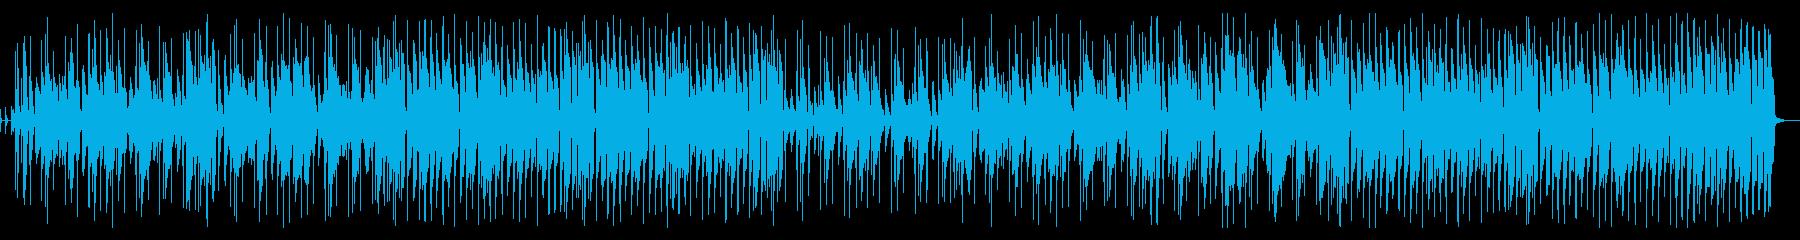 日常系BGM・ほのぼのハーモニカその3の再生済みの波形